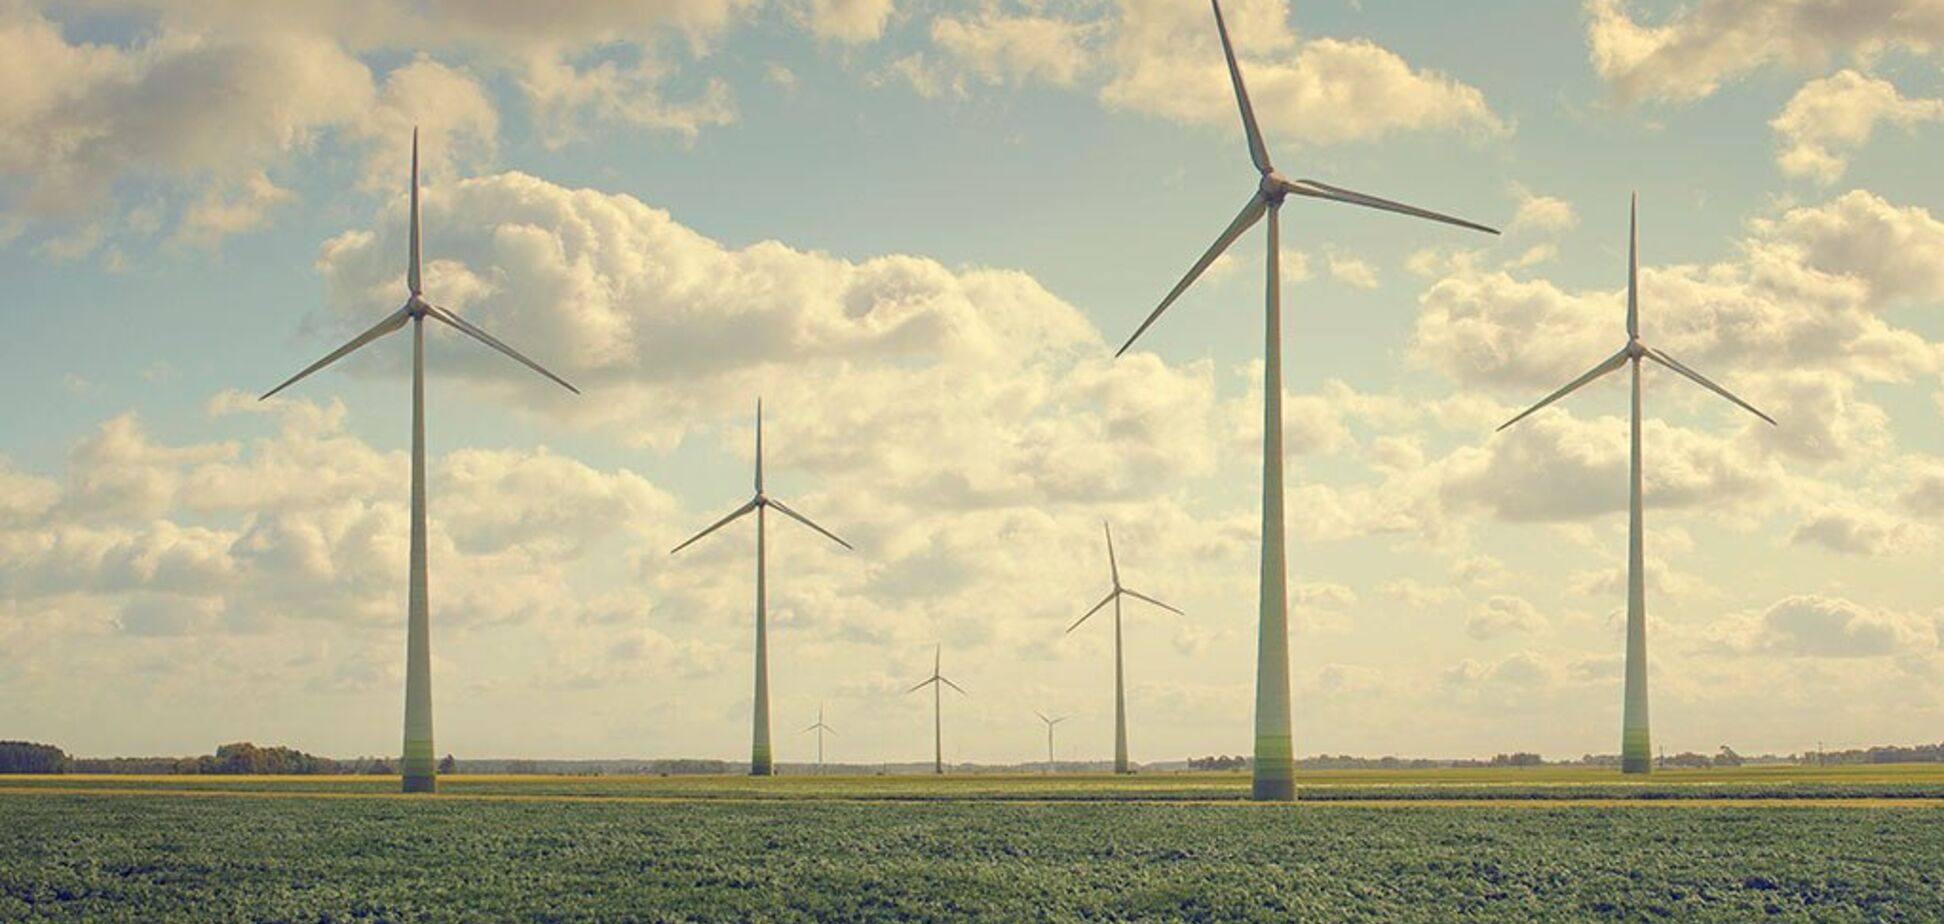 Европа переходит на 'зеленую' энергию: установлен новый рекорд